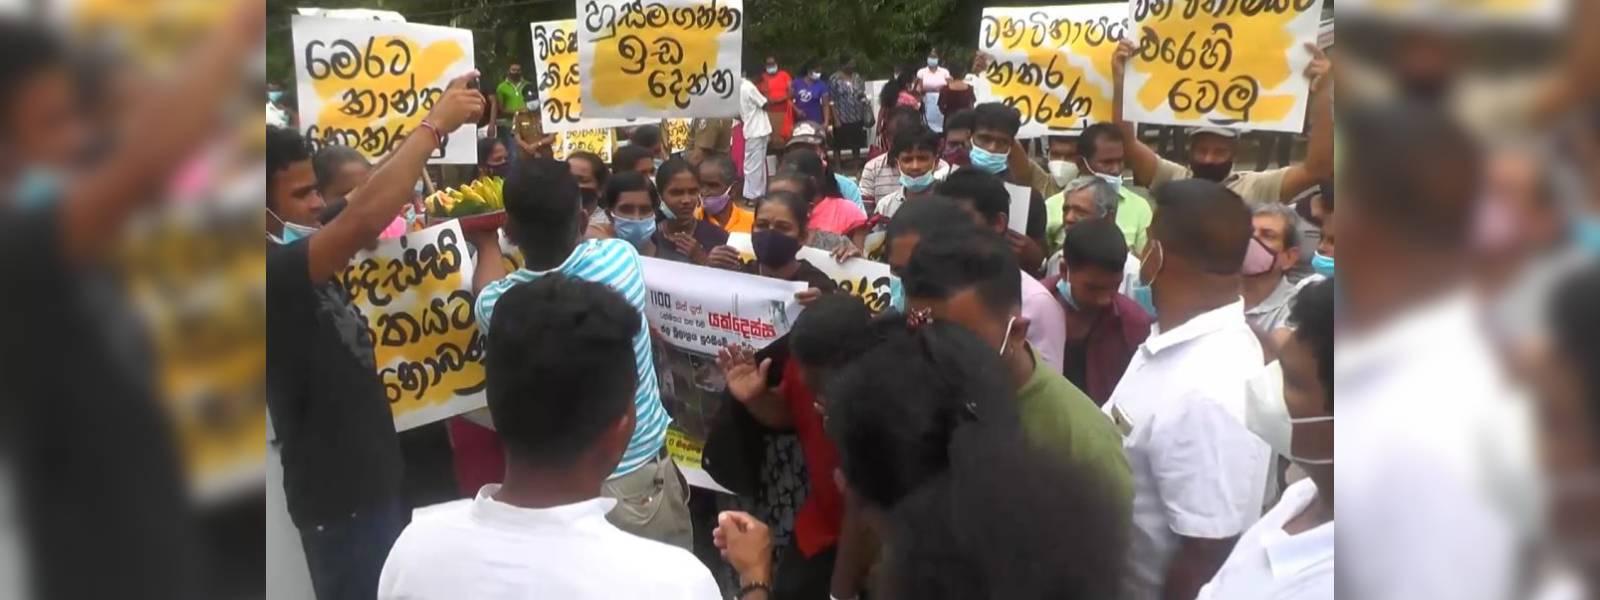 Kithulgala residents protest against deforestation